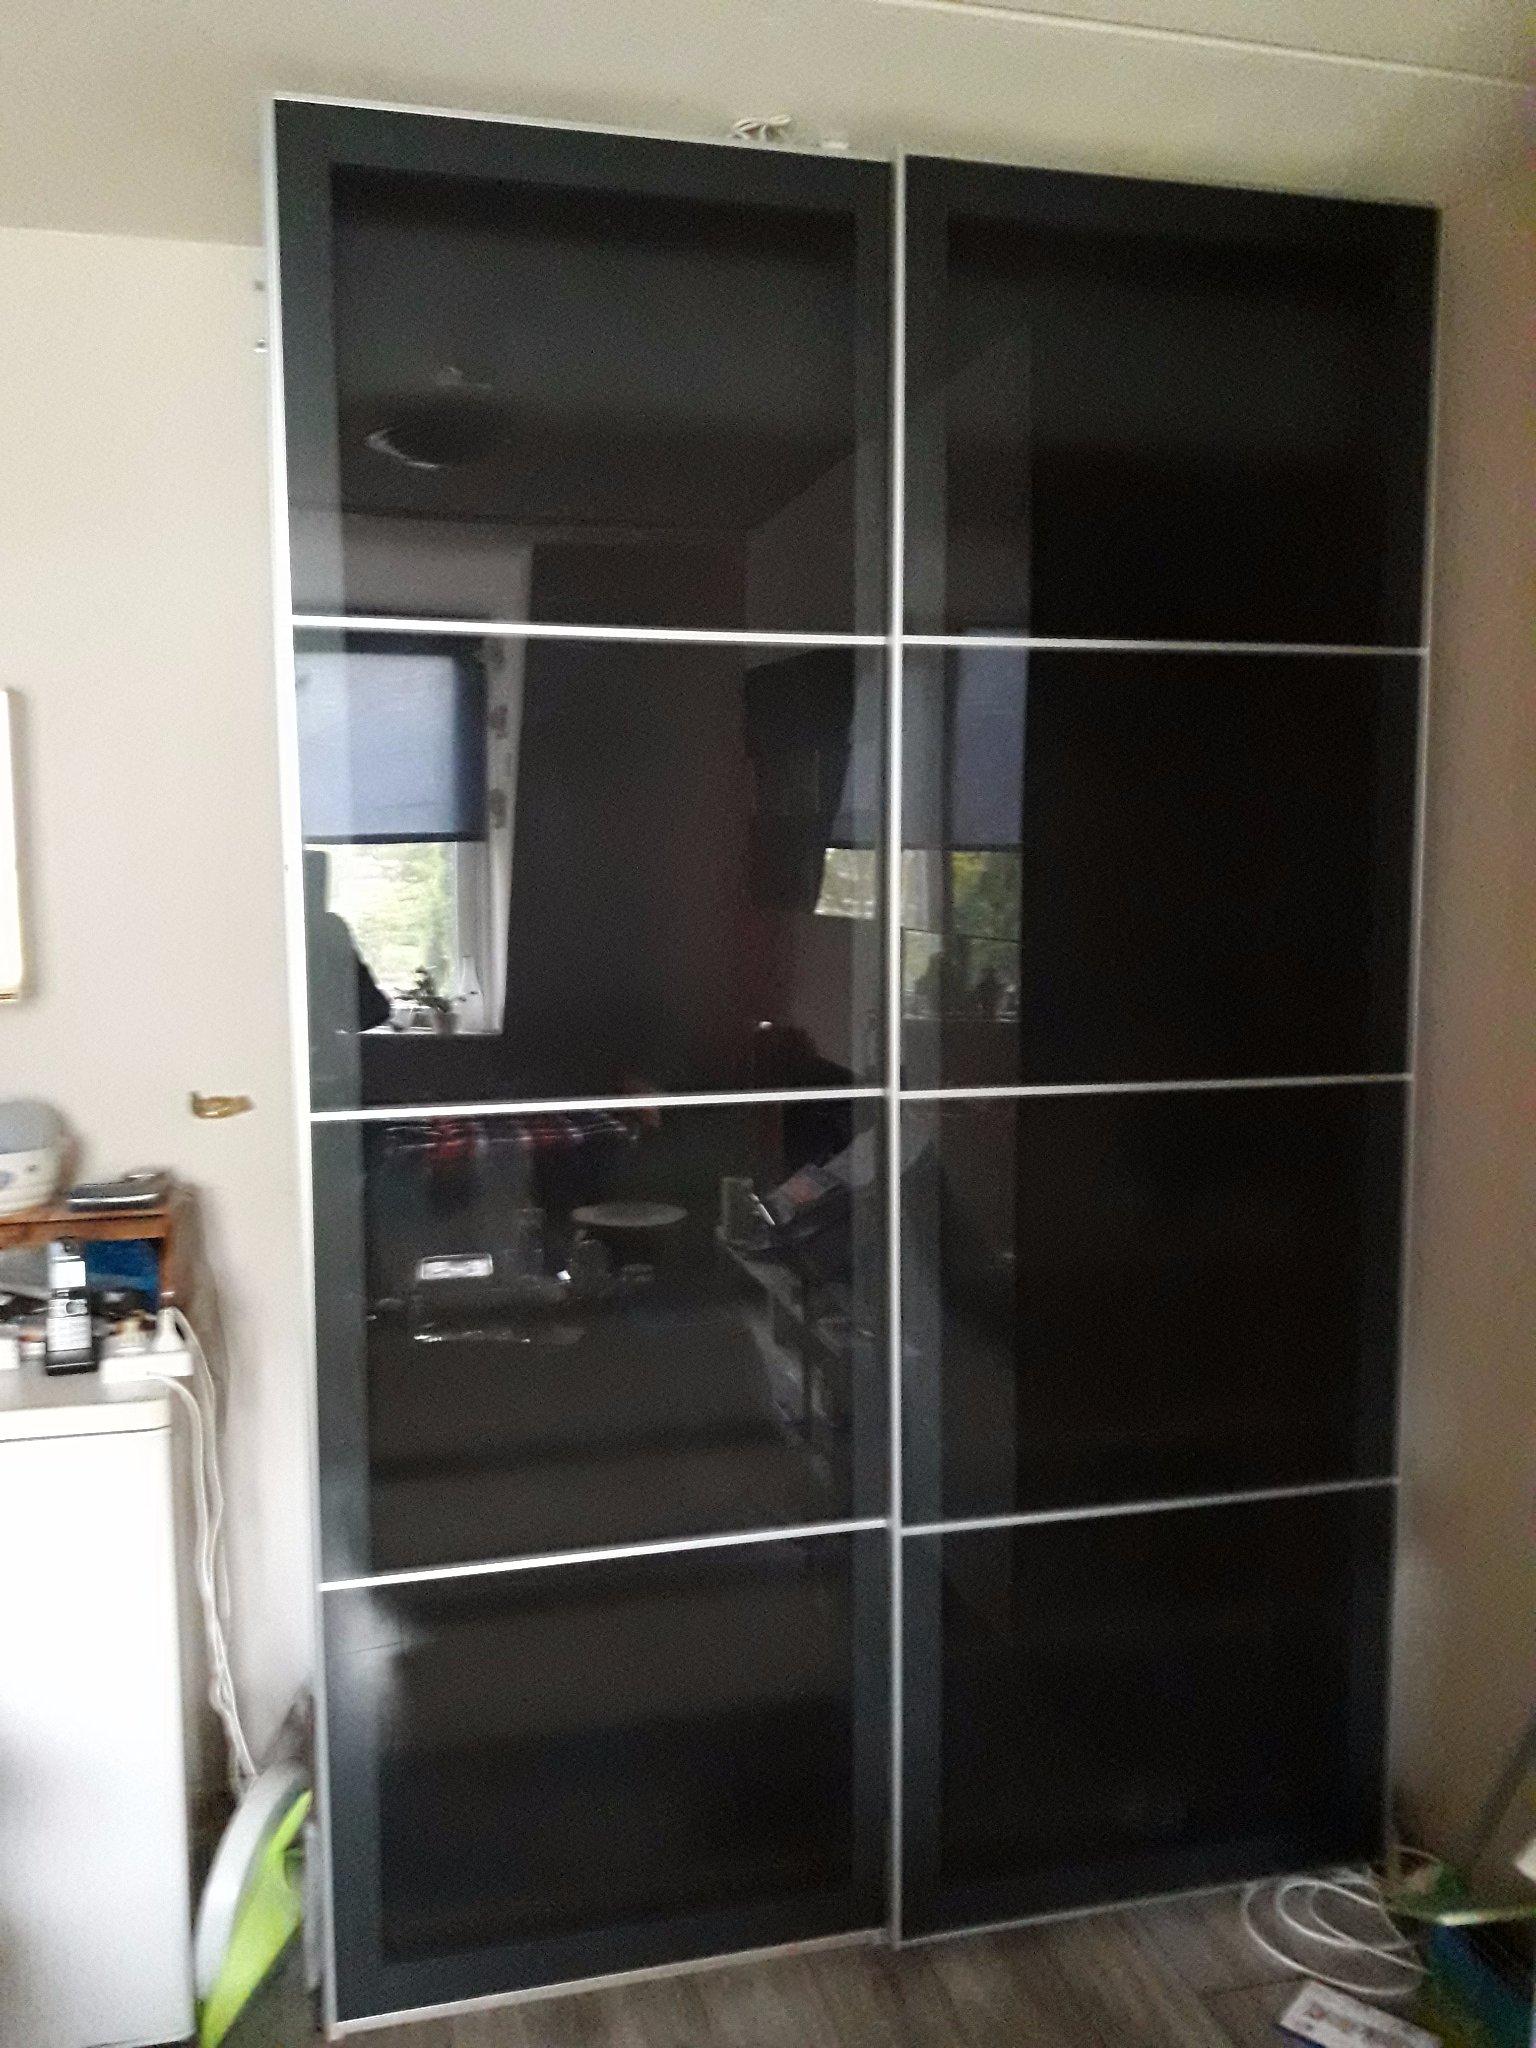 Ikea kasten demonteren en monteren in andere kamer  Werkspot